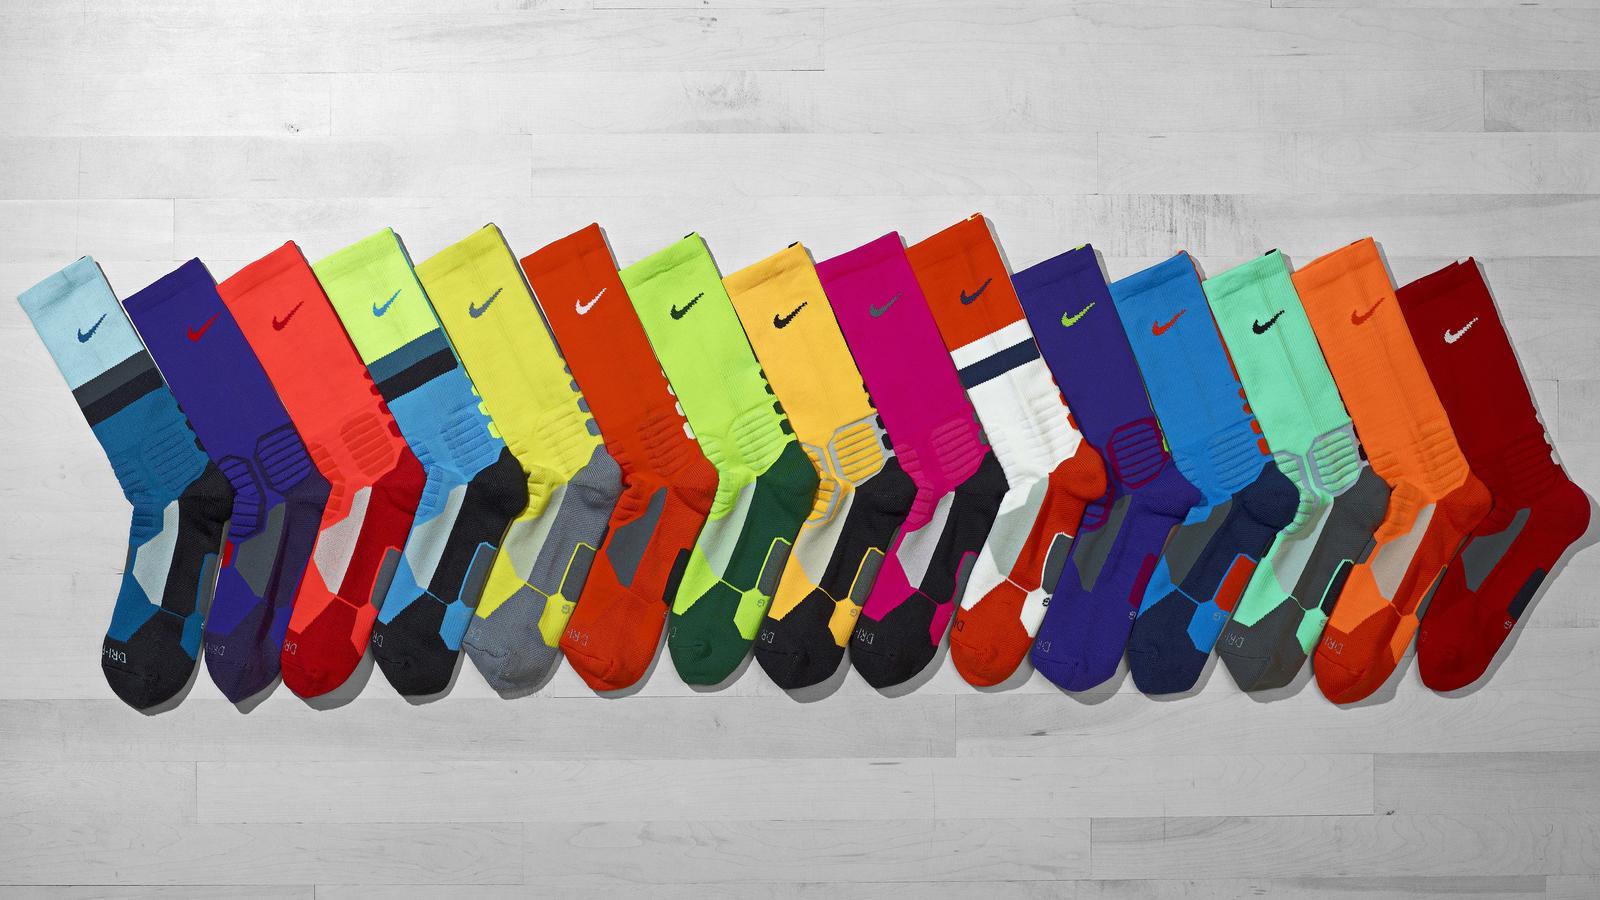 hyperelite_socks_2